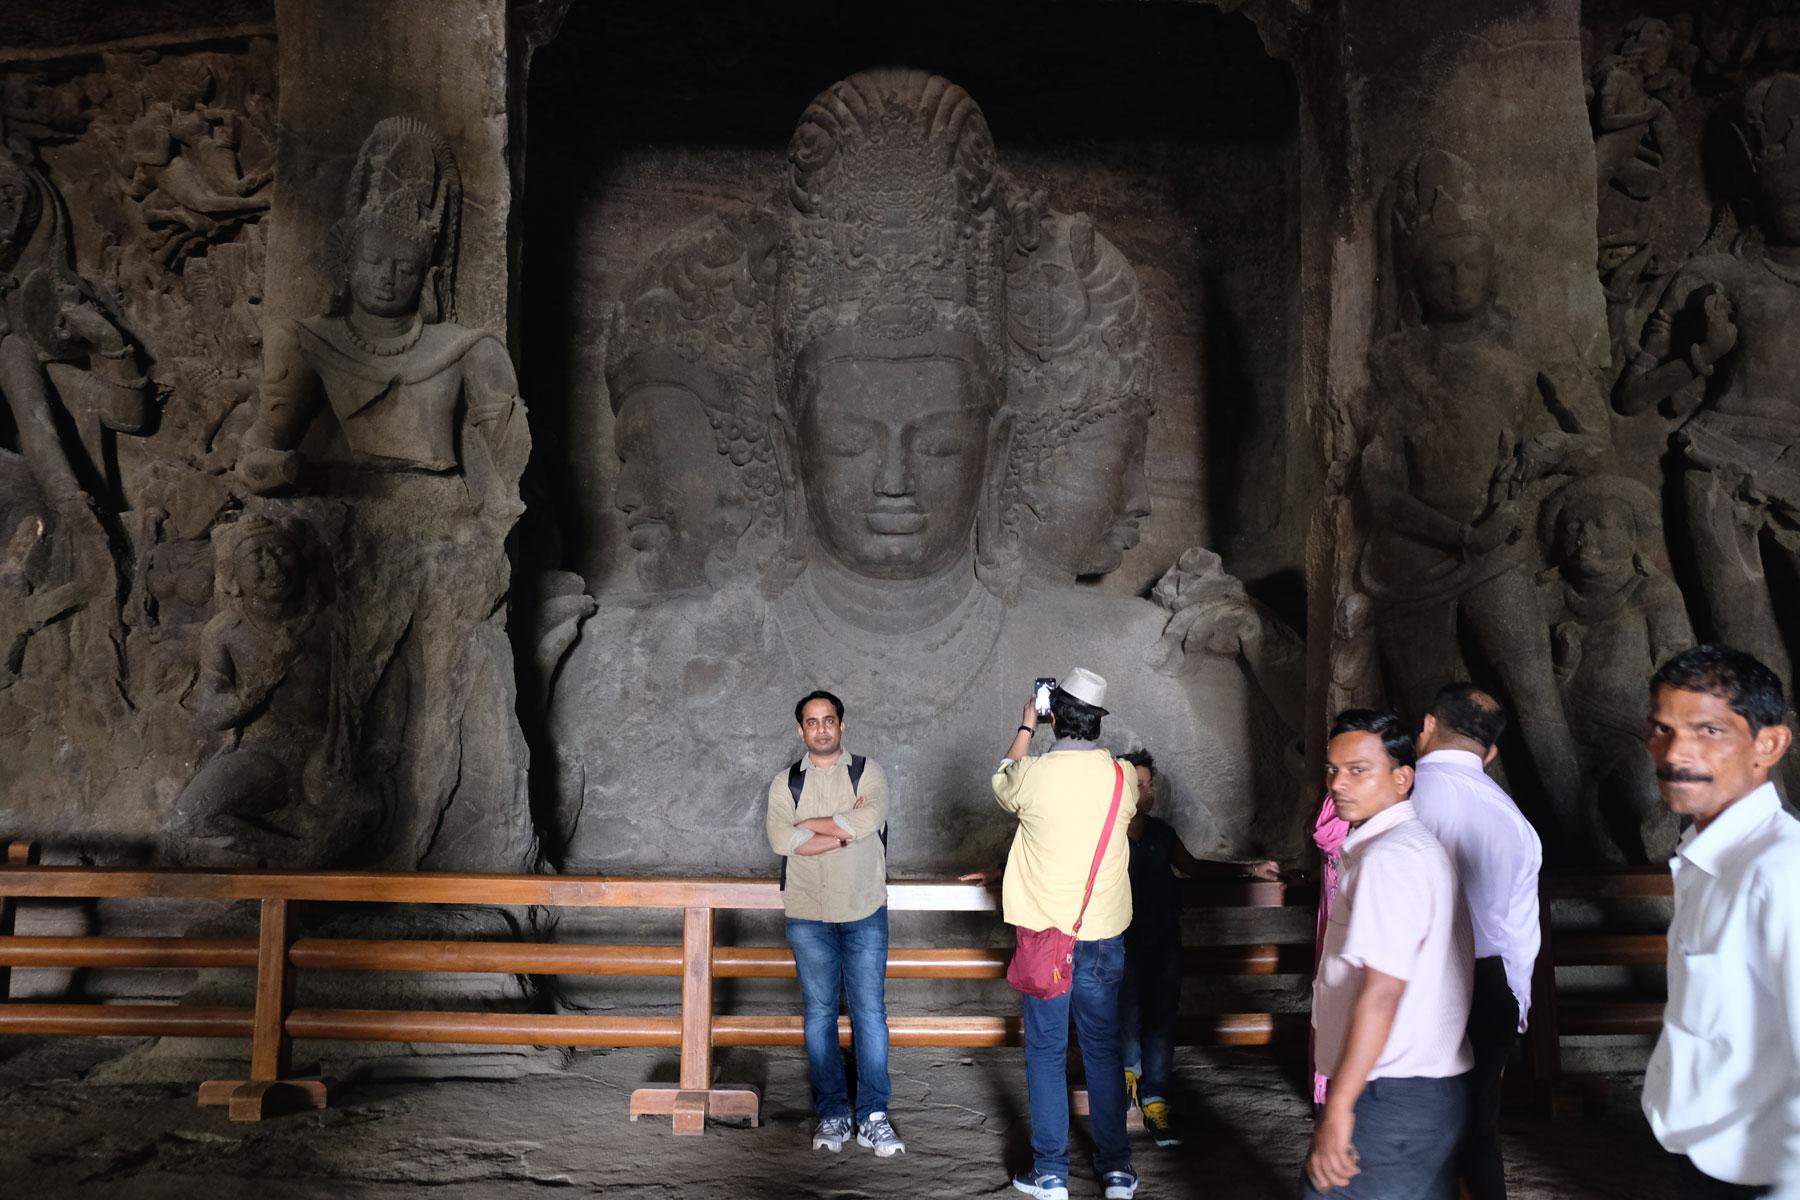 Menschen vor der Trimurti-Skulptur im Inneren der Elephanta Caves.